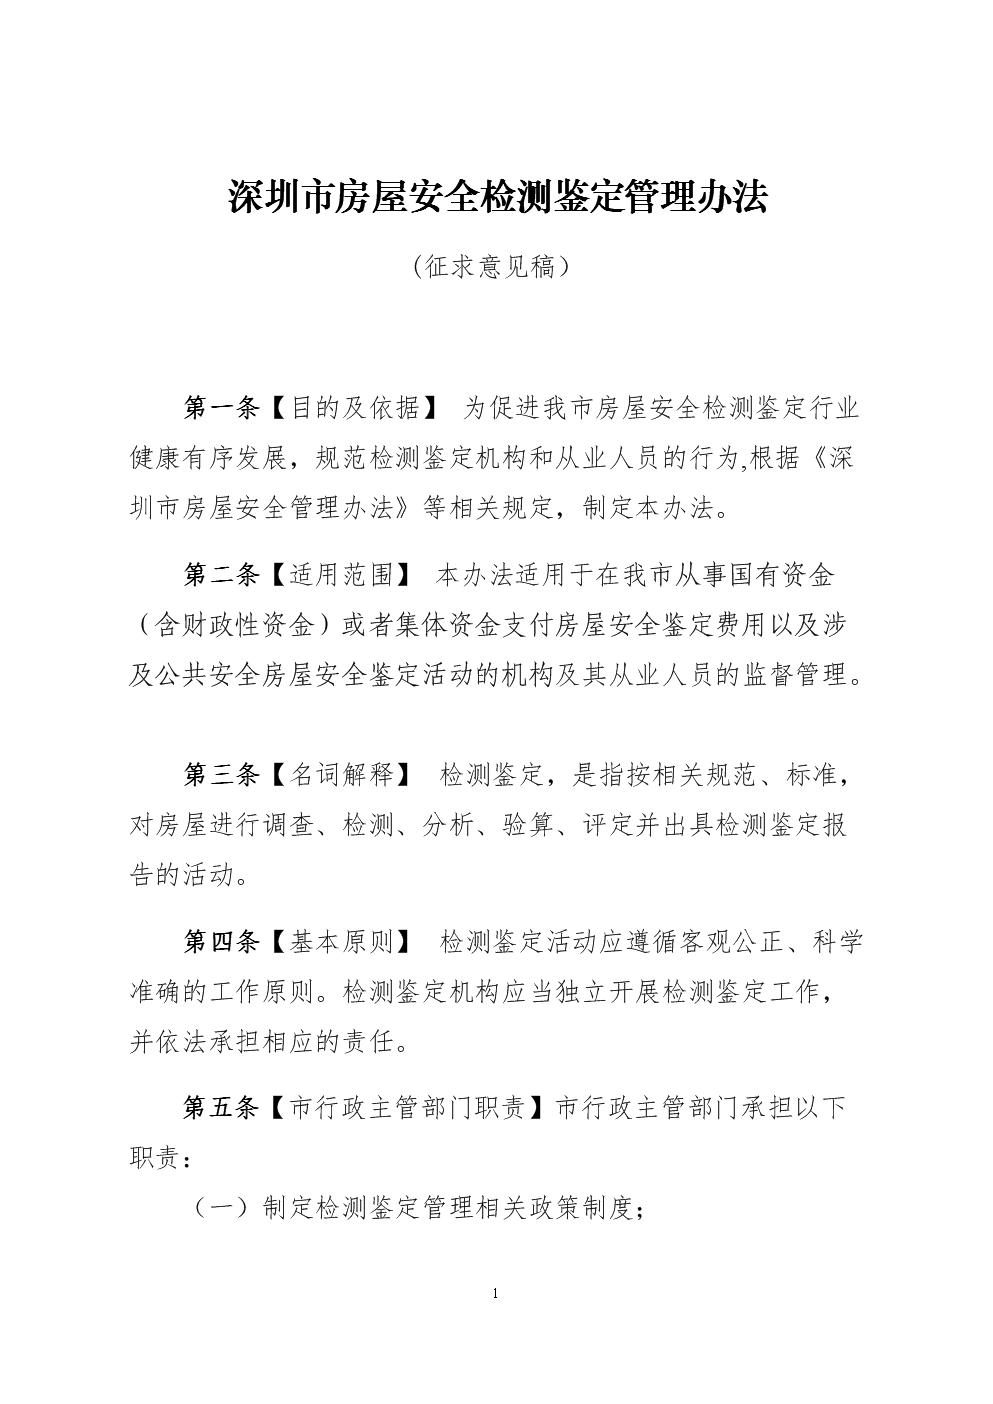 深圳市房屋安全检测鉴定管理办法(征求意见稿).docx